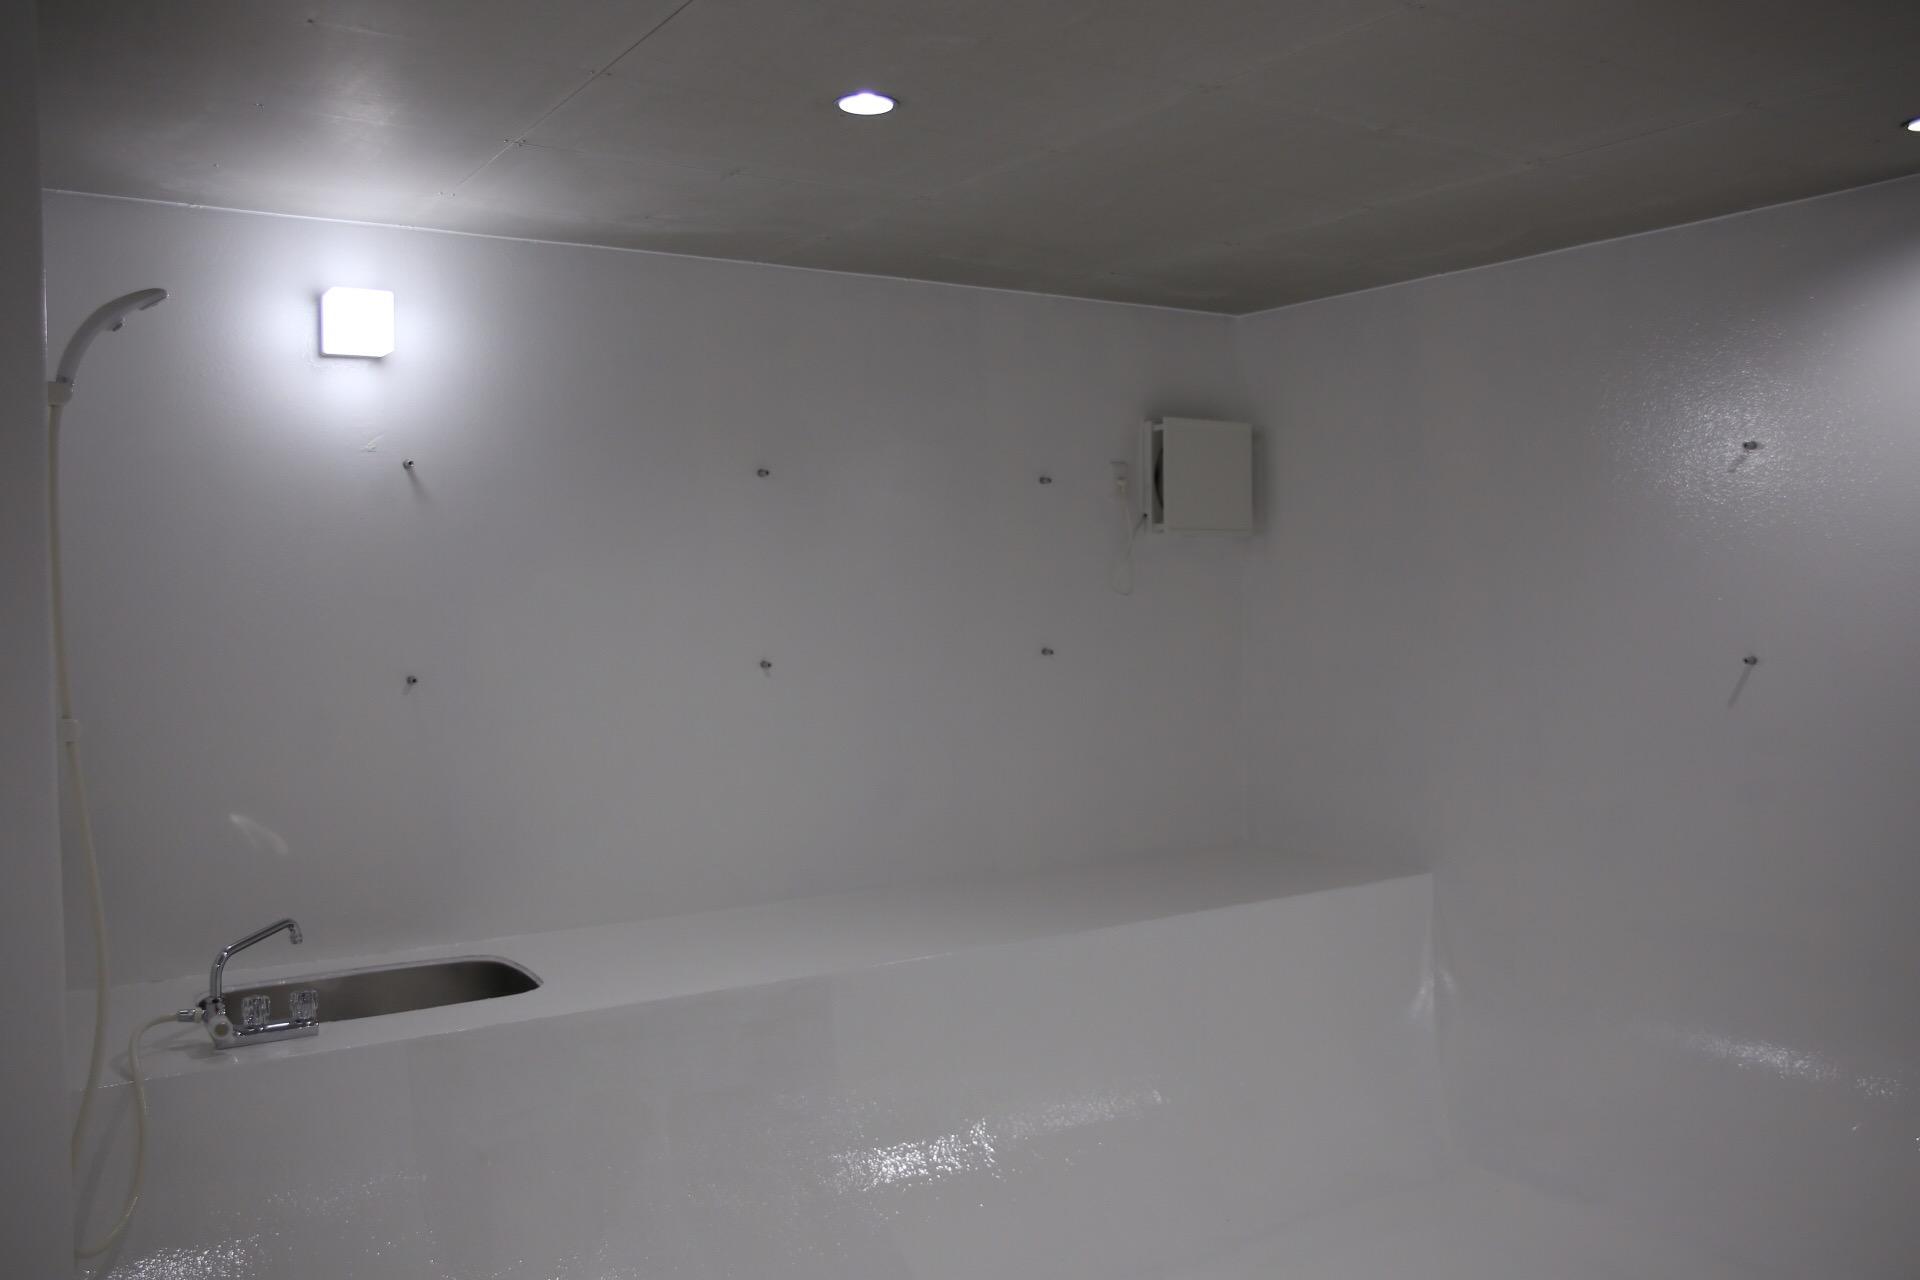 19番/大平荘スタジオ 一級建築士事務所 中村建築《ROOM BATHTUB》